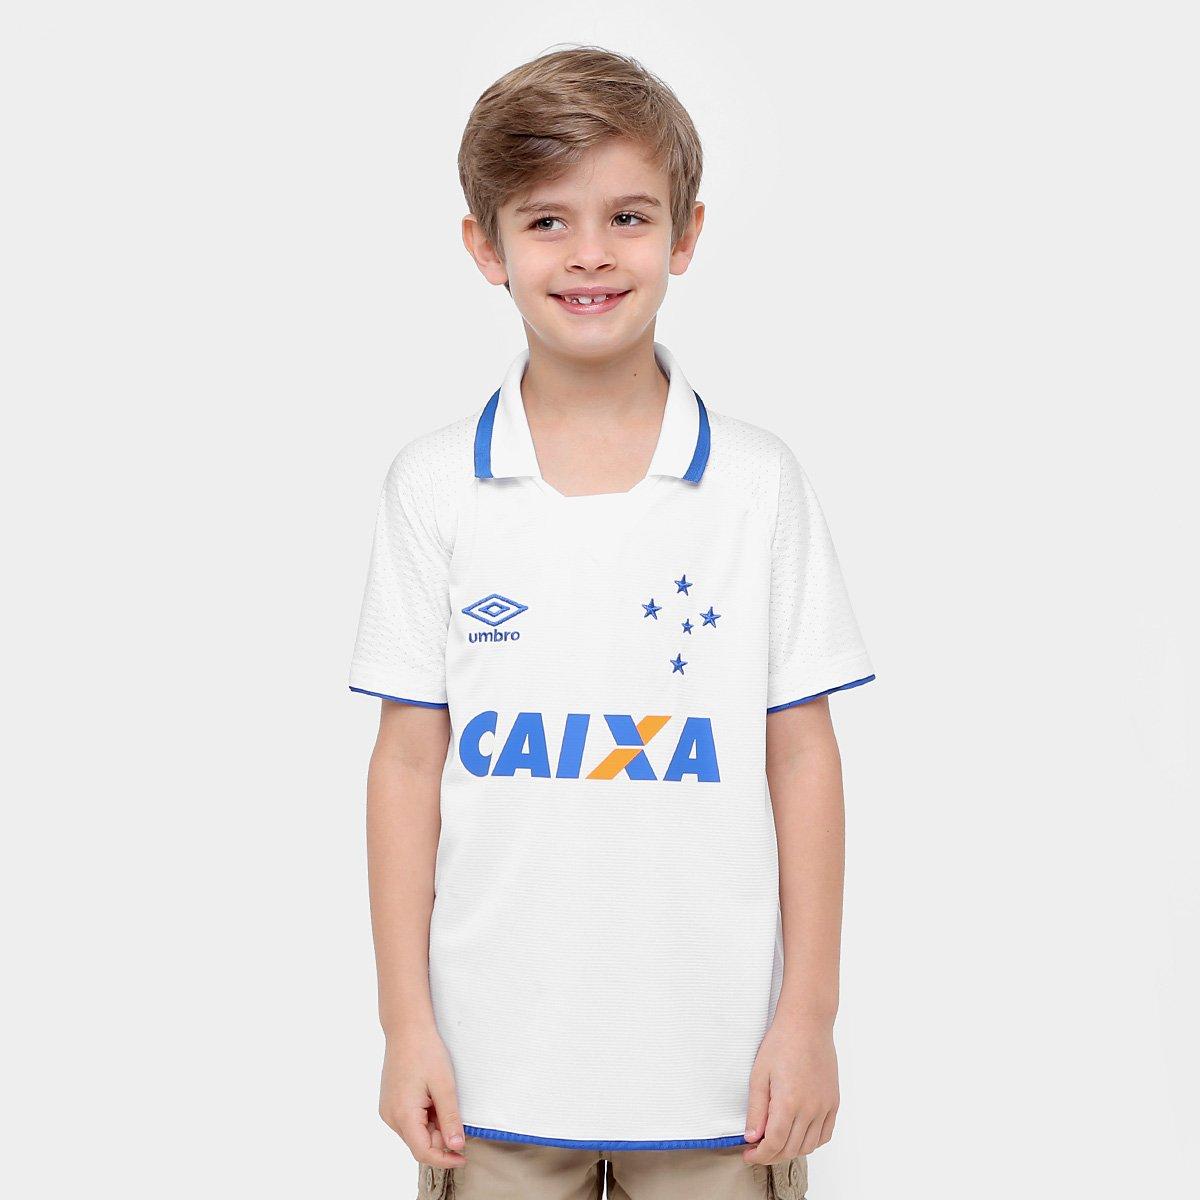 Umbro 17 s Torcedor Cruzeiro Branco e Azul Camisa nº II 18 Infantil  nqxAfW8BwC ... da4940d12c79a